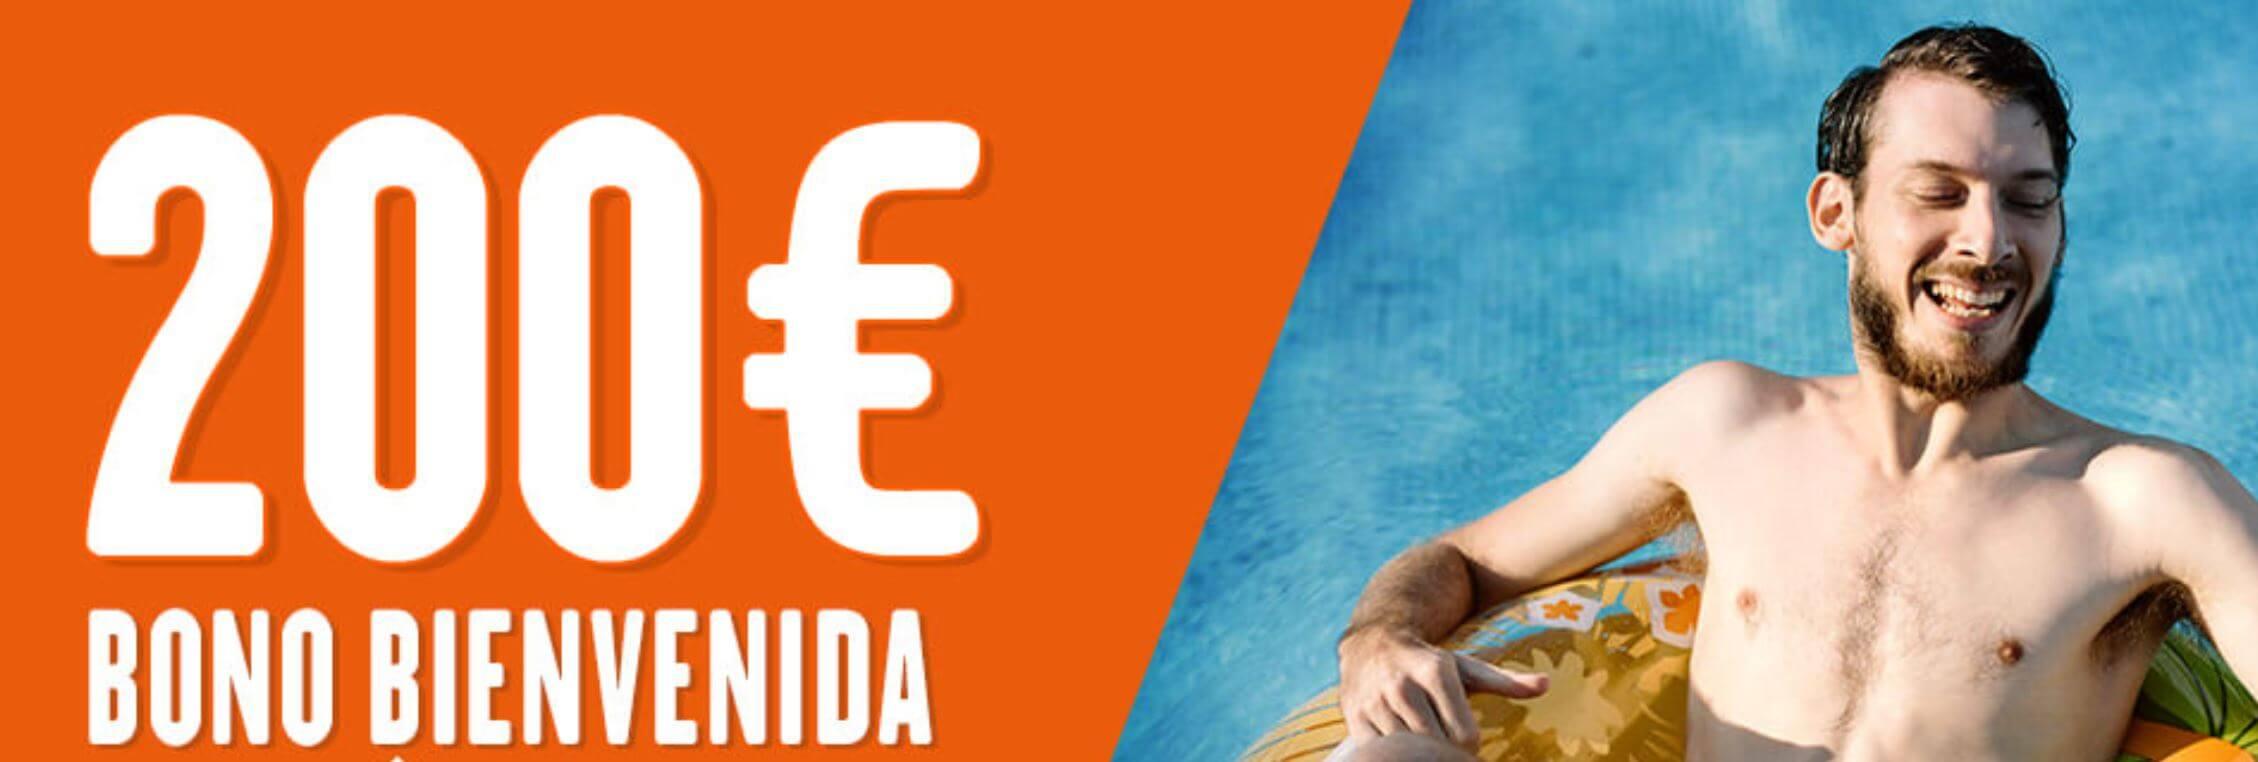 Luckia Argentina bono de bienvenida